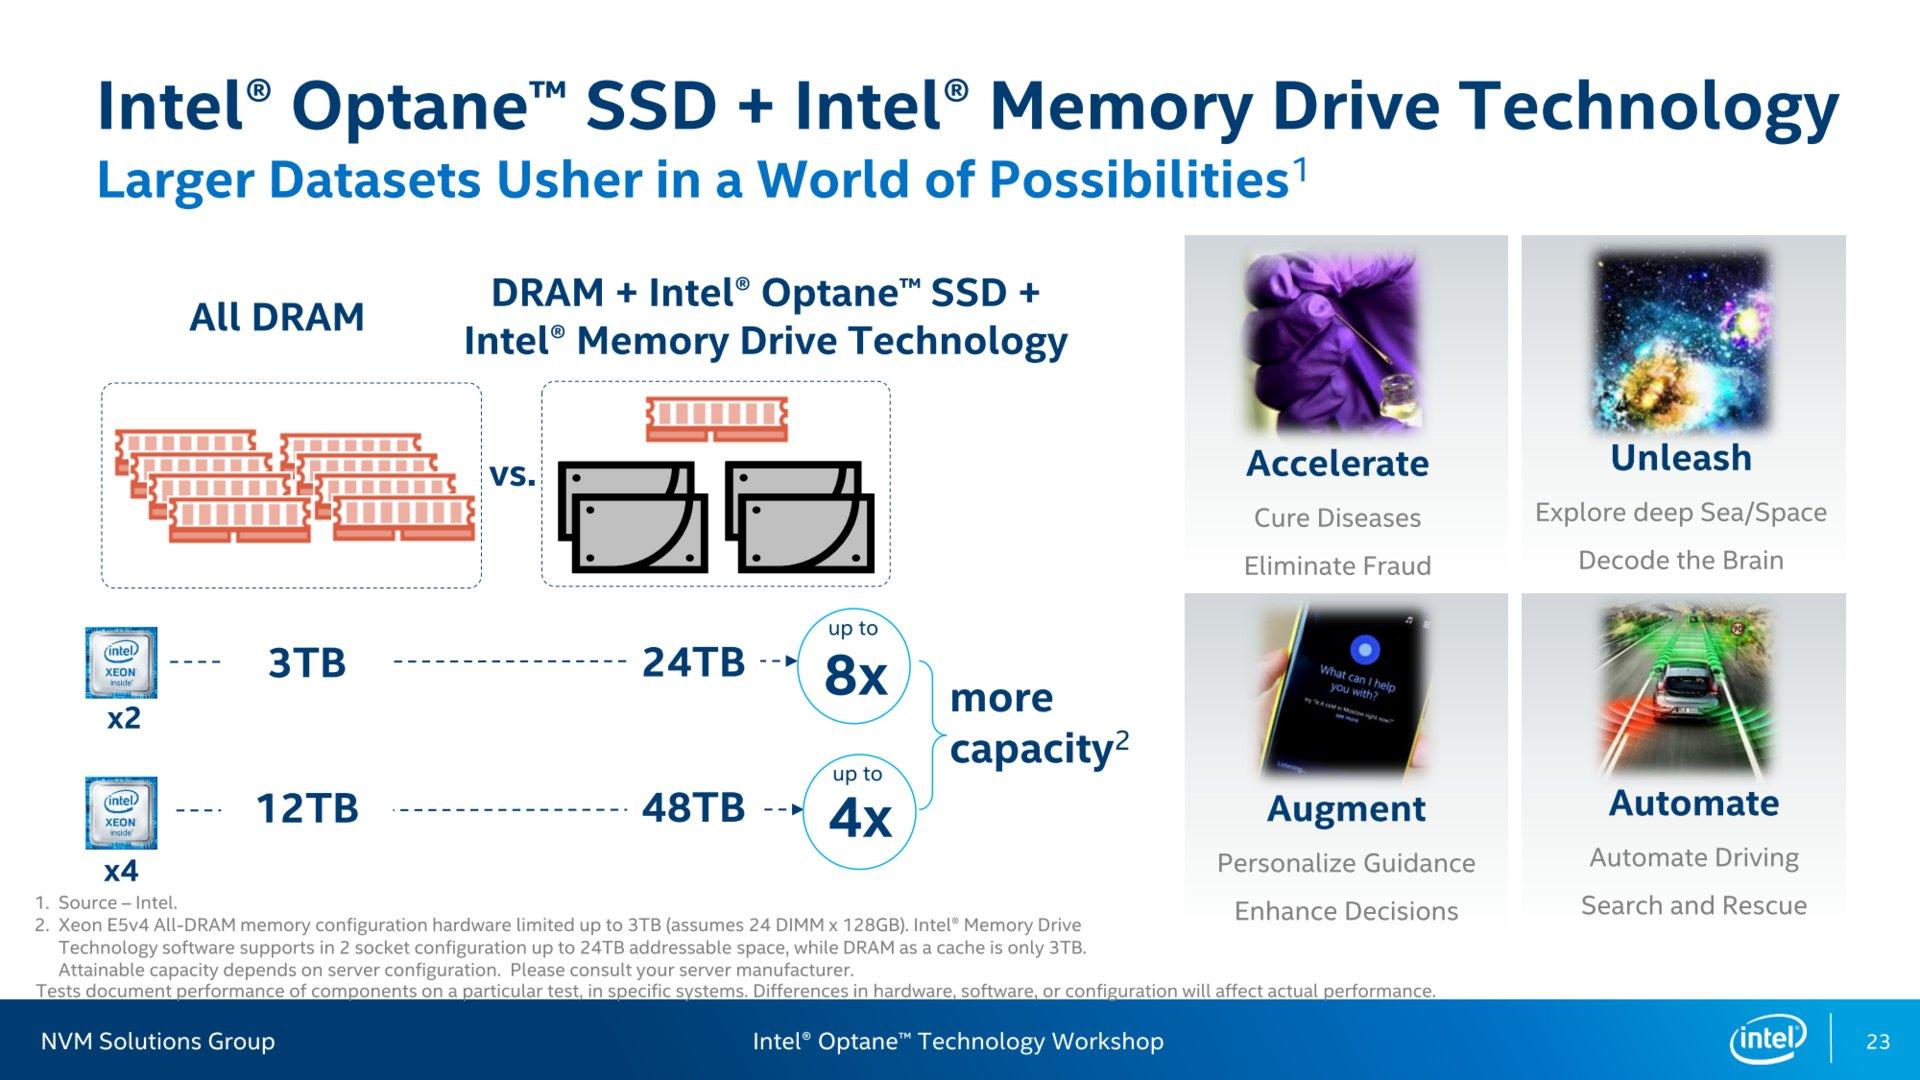 Arbeitsspeicher durch Optane-SSD deutlich aufgestockt